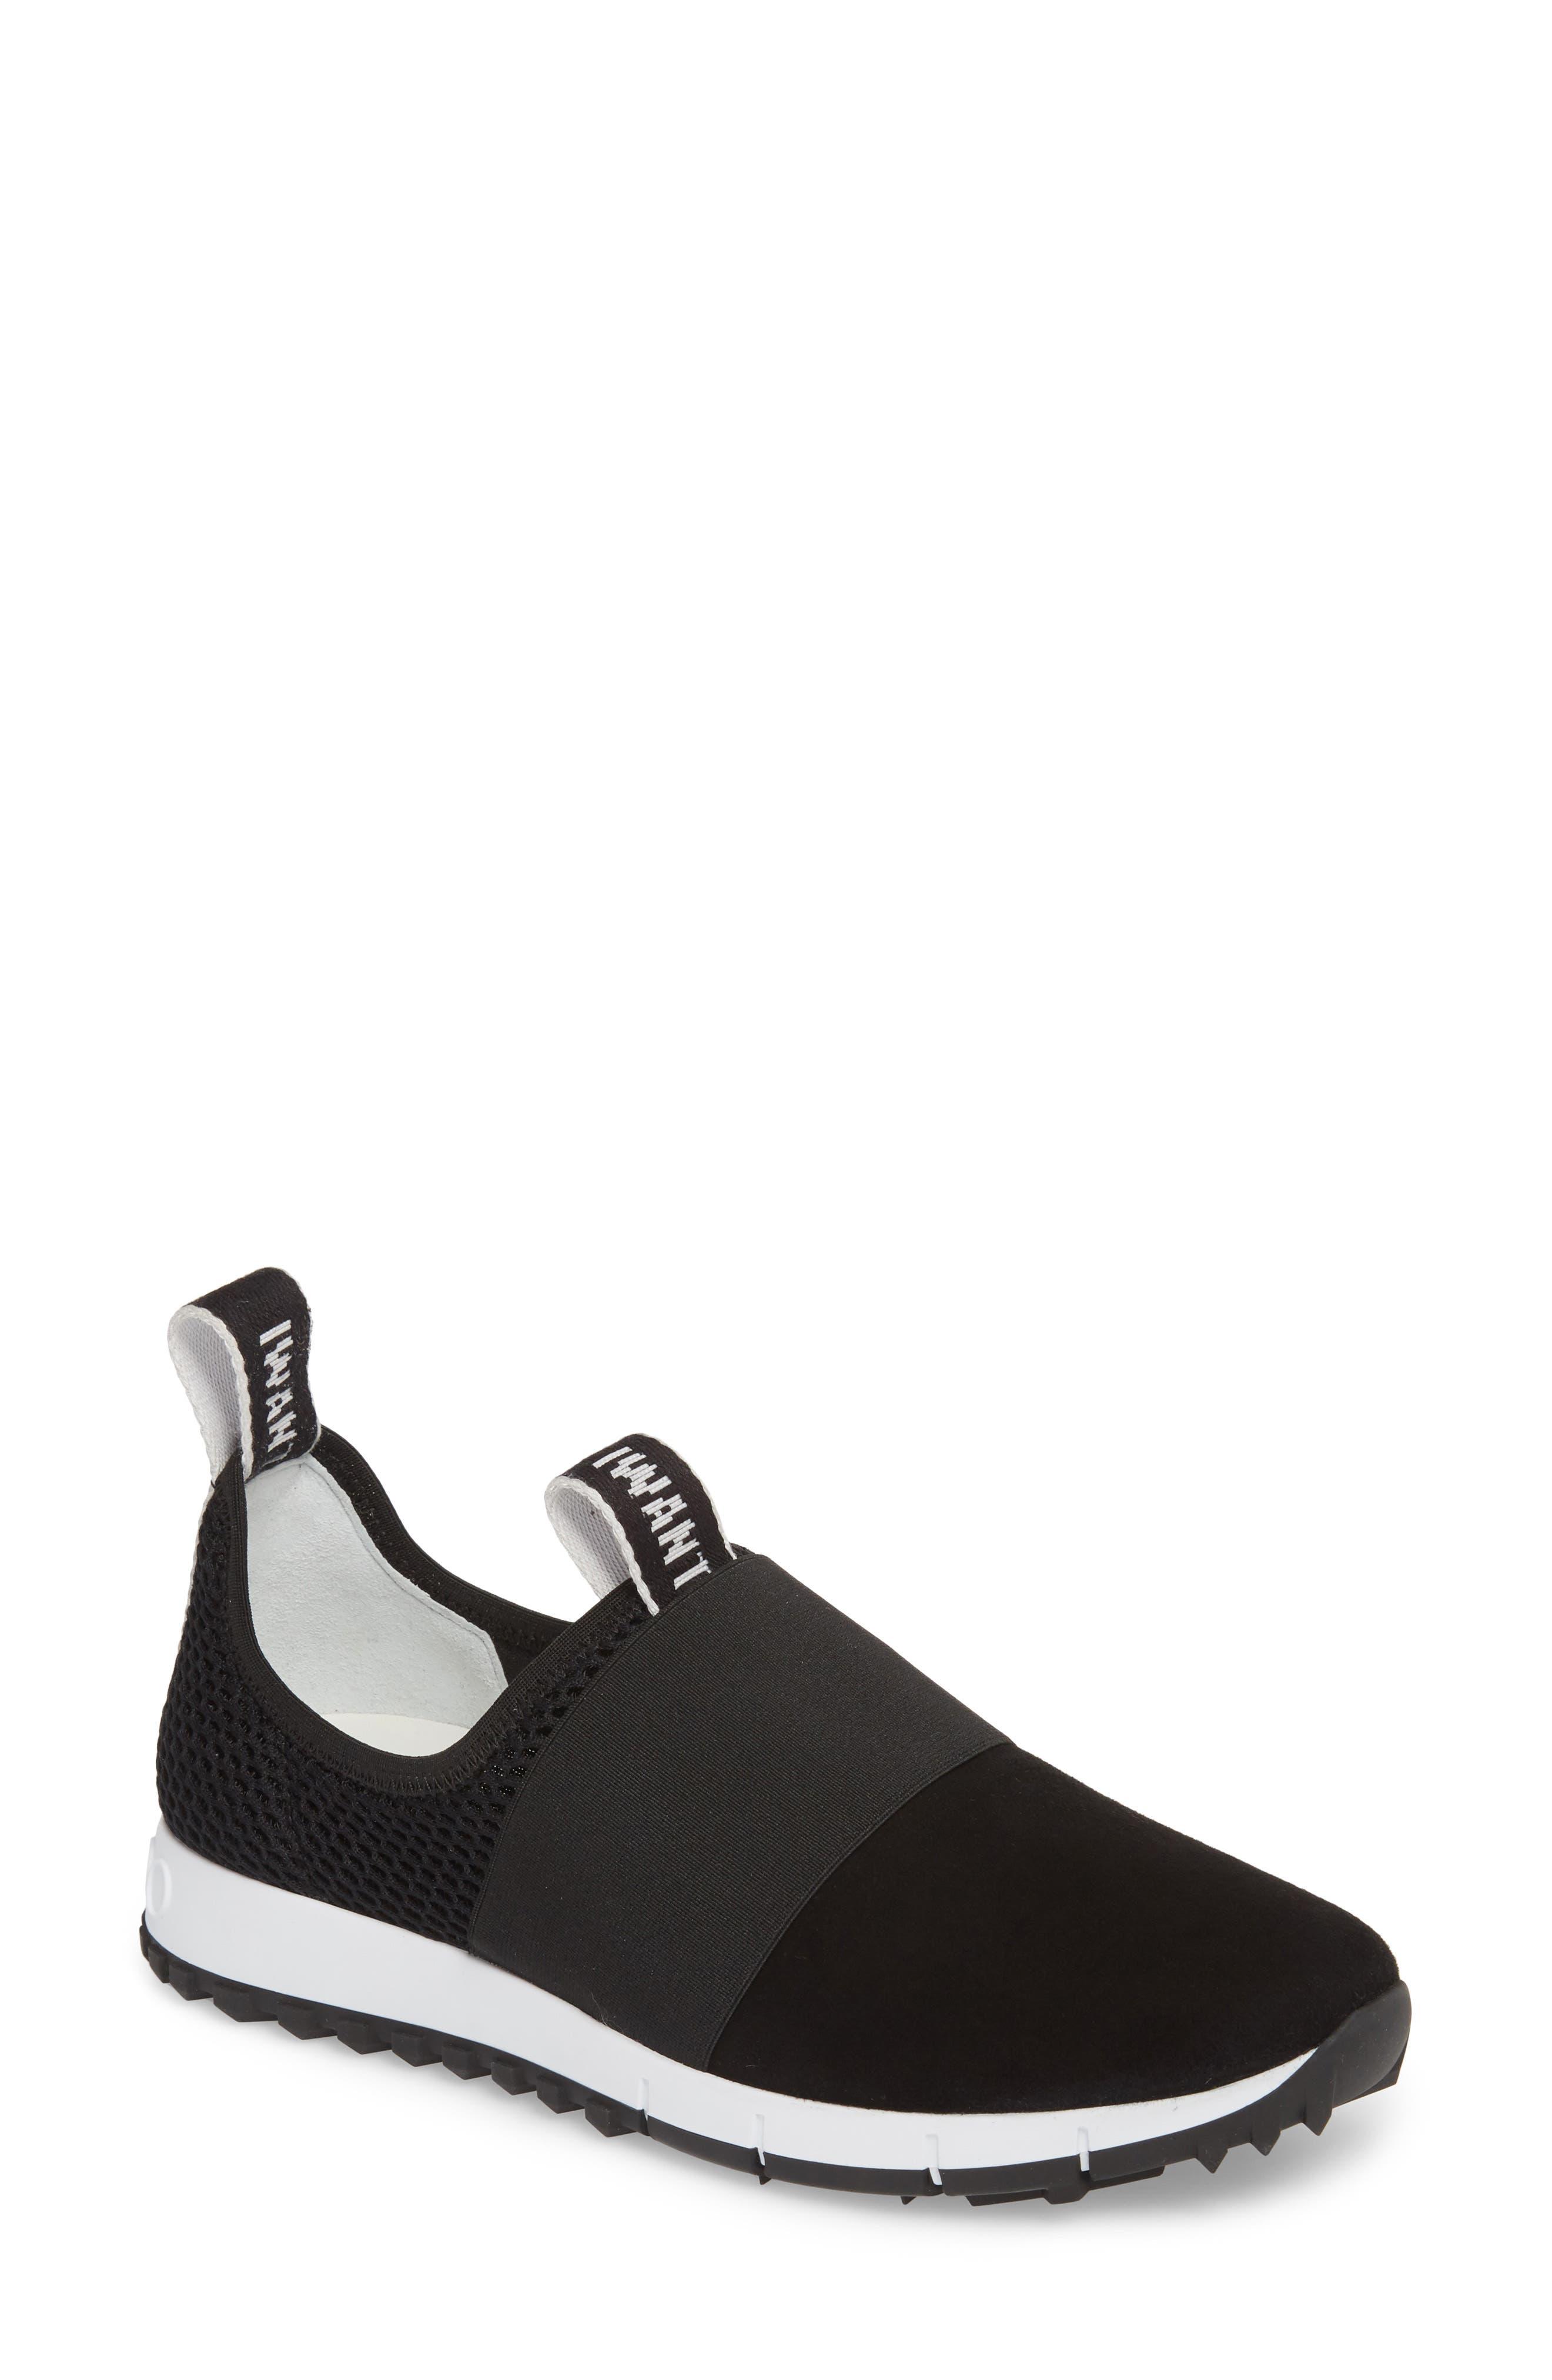 43465feefc6 Jimmy Choo Oakland Black Suede Logo Sneakers